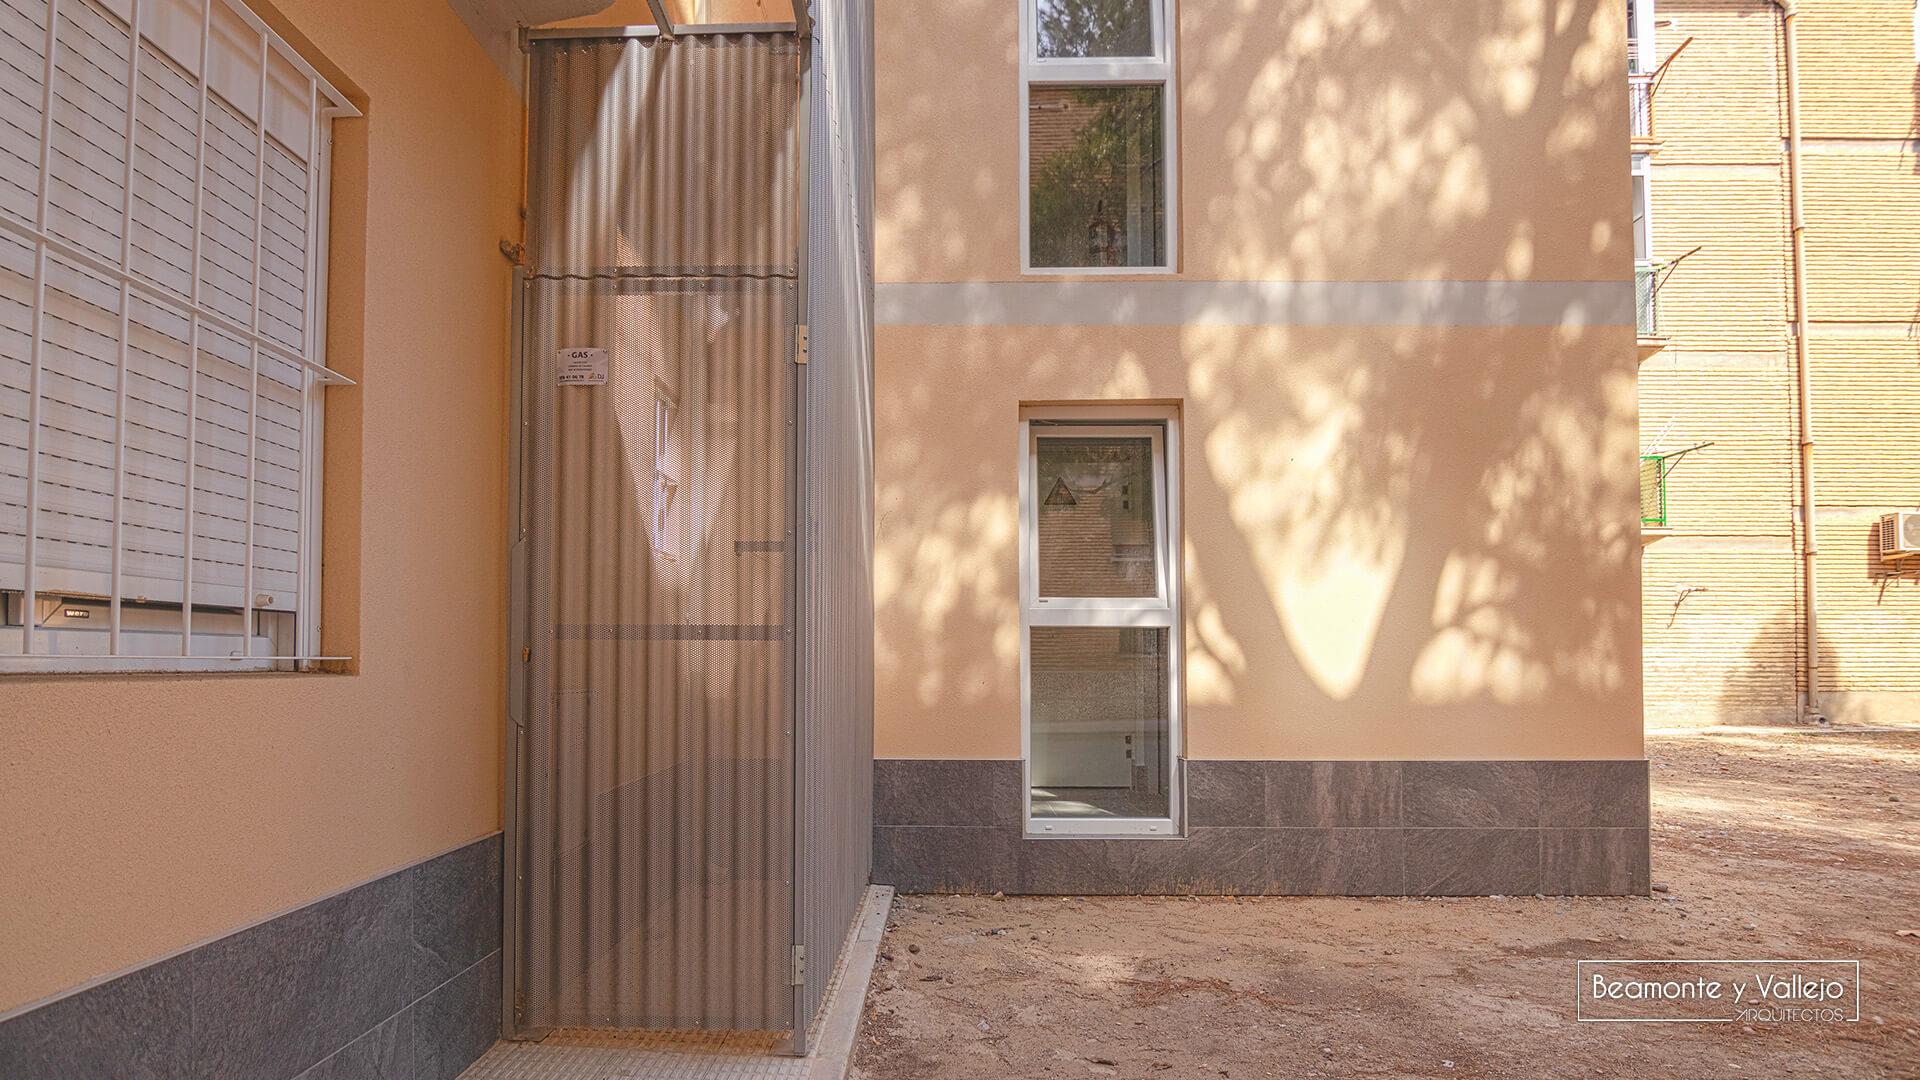 Beamonte y Vallejo arquitectos - Rehabilitación energética valle de pineta - 14